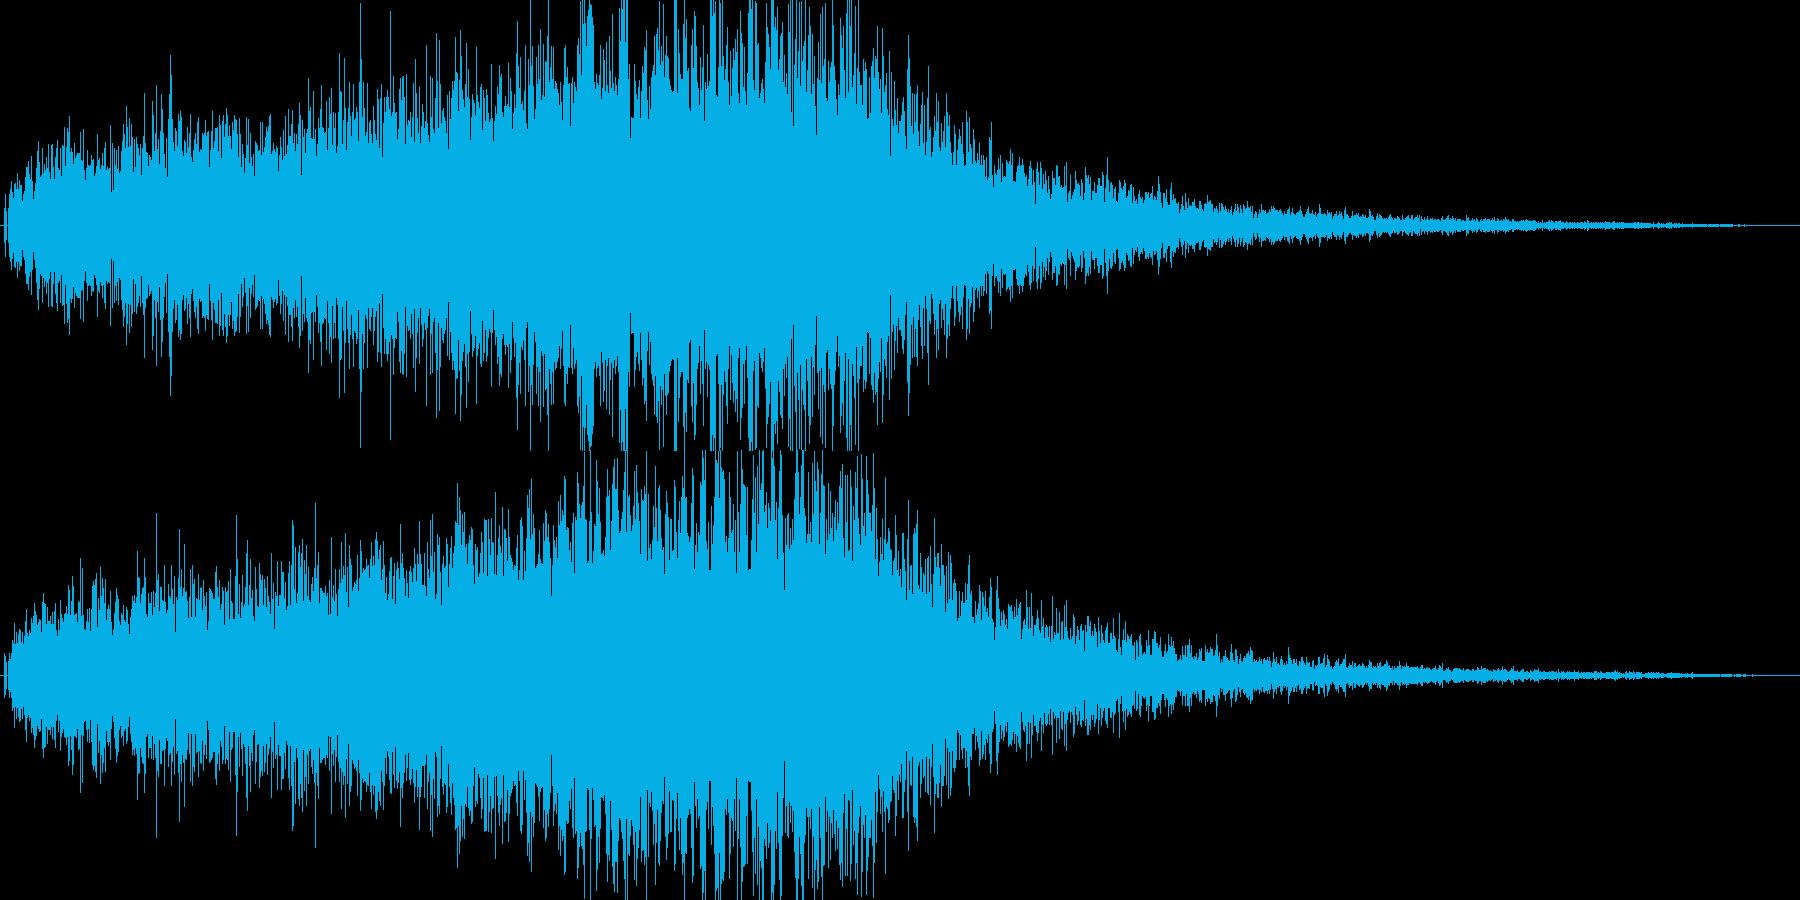 恐怖/ホラーの演出に最適なストリングス1の再生済みの波形